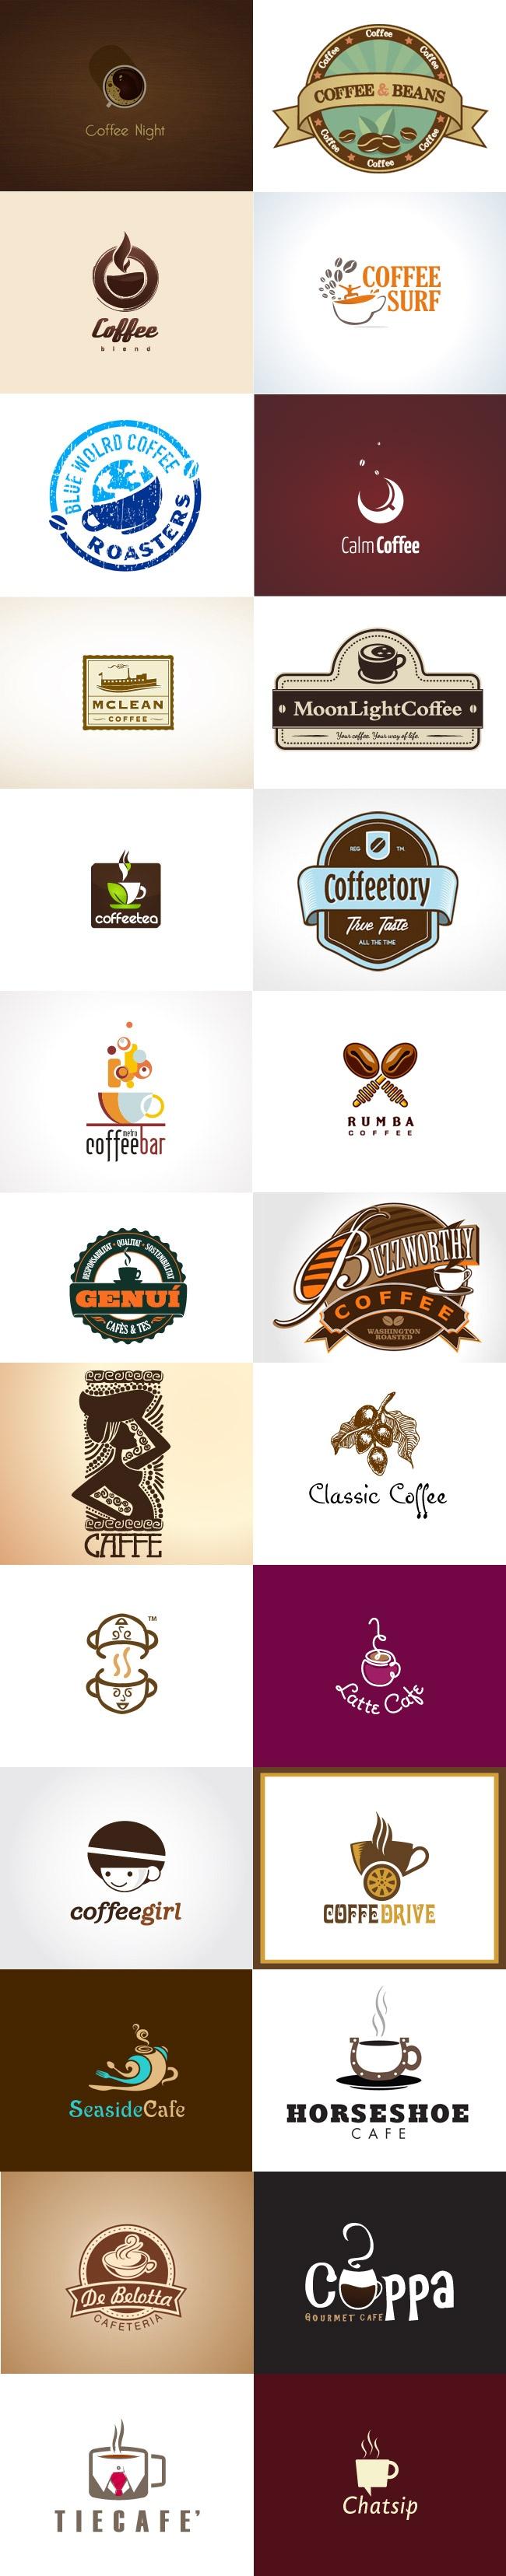 grafiker.de - Logo-Inspiration: Kaffee Teil 2